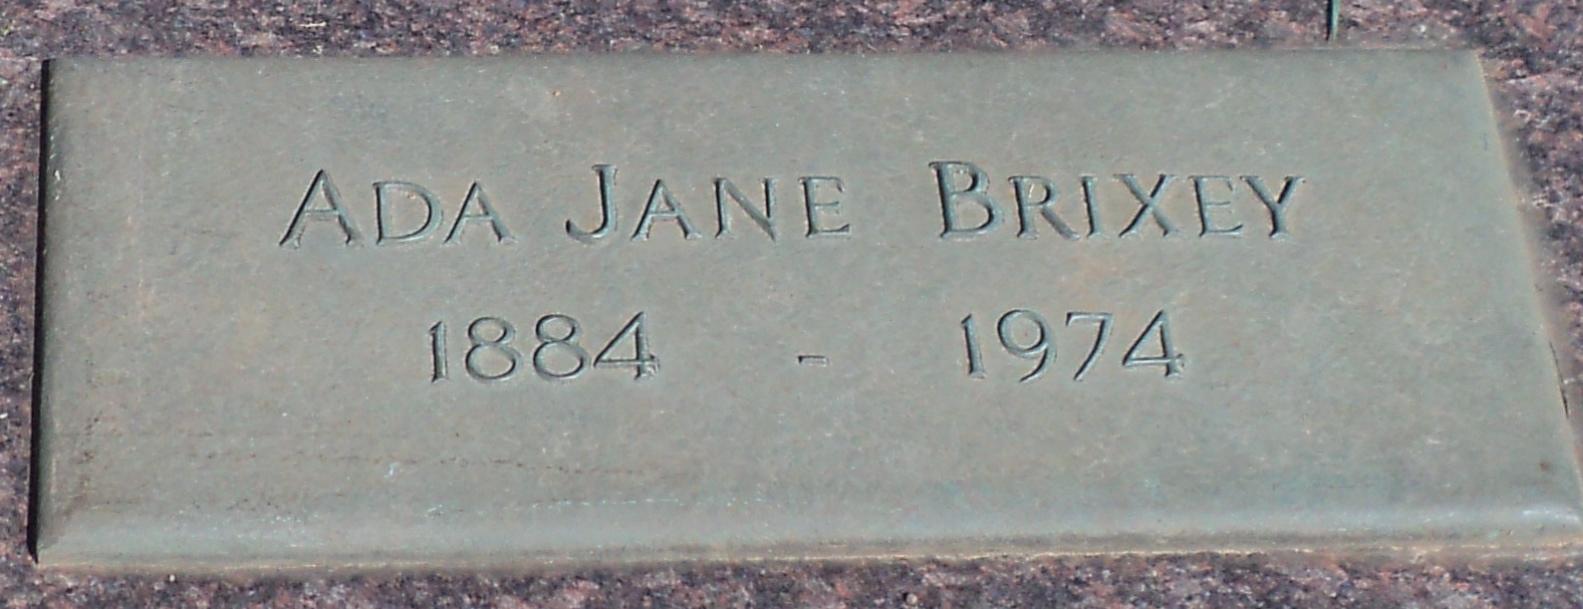 Ada Jane Brixey